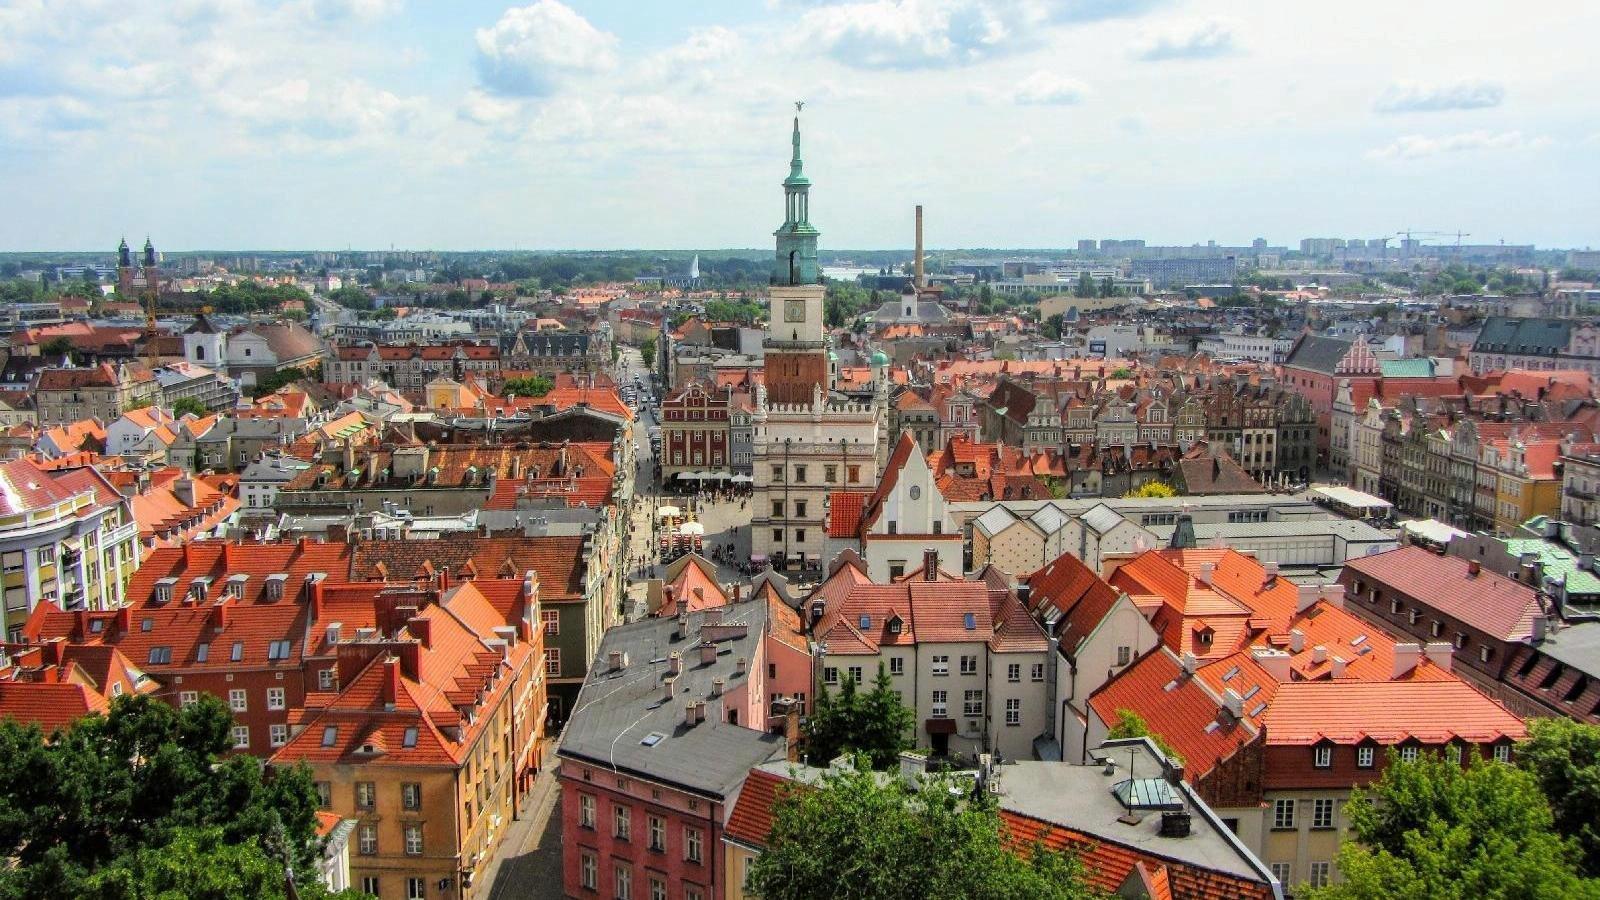 Zdjęcie: panorama Poznania z lotu ptaka, w centrum Ratusz - grafika artykułu